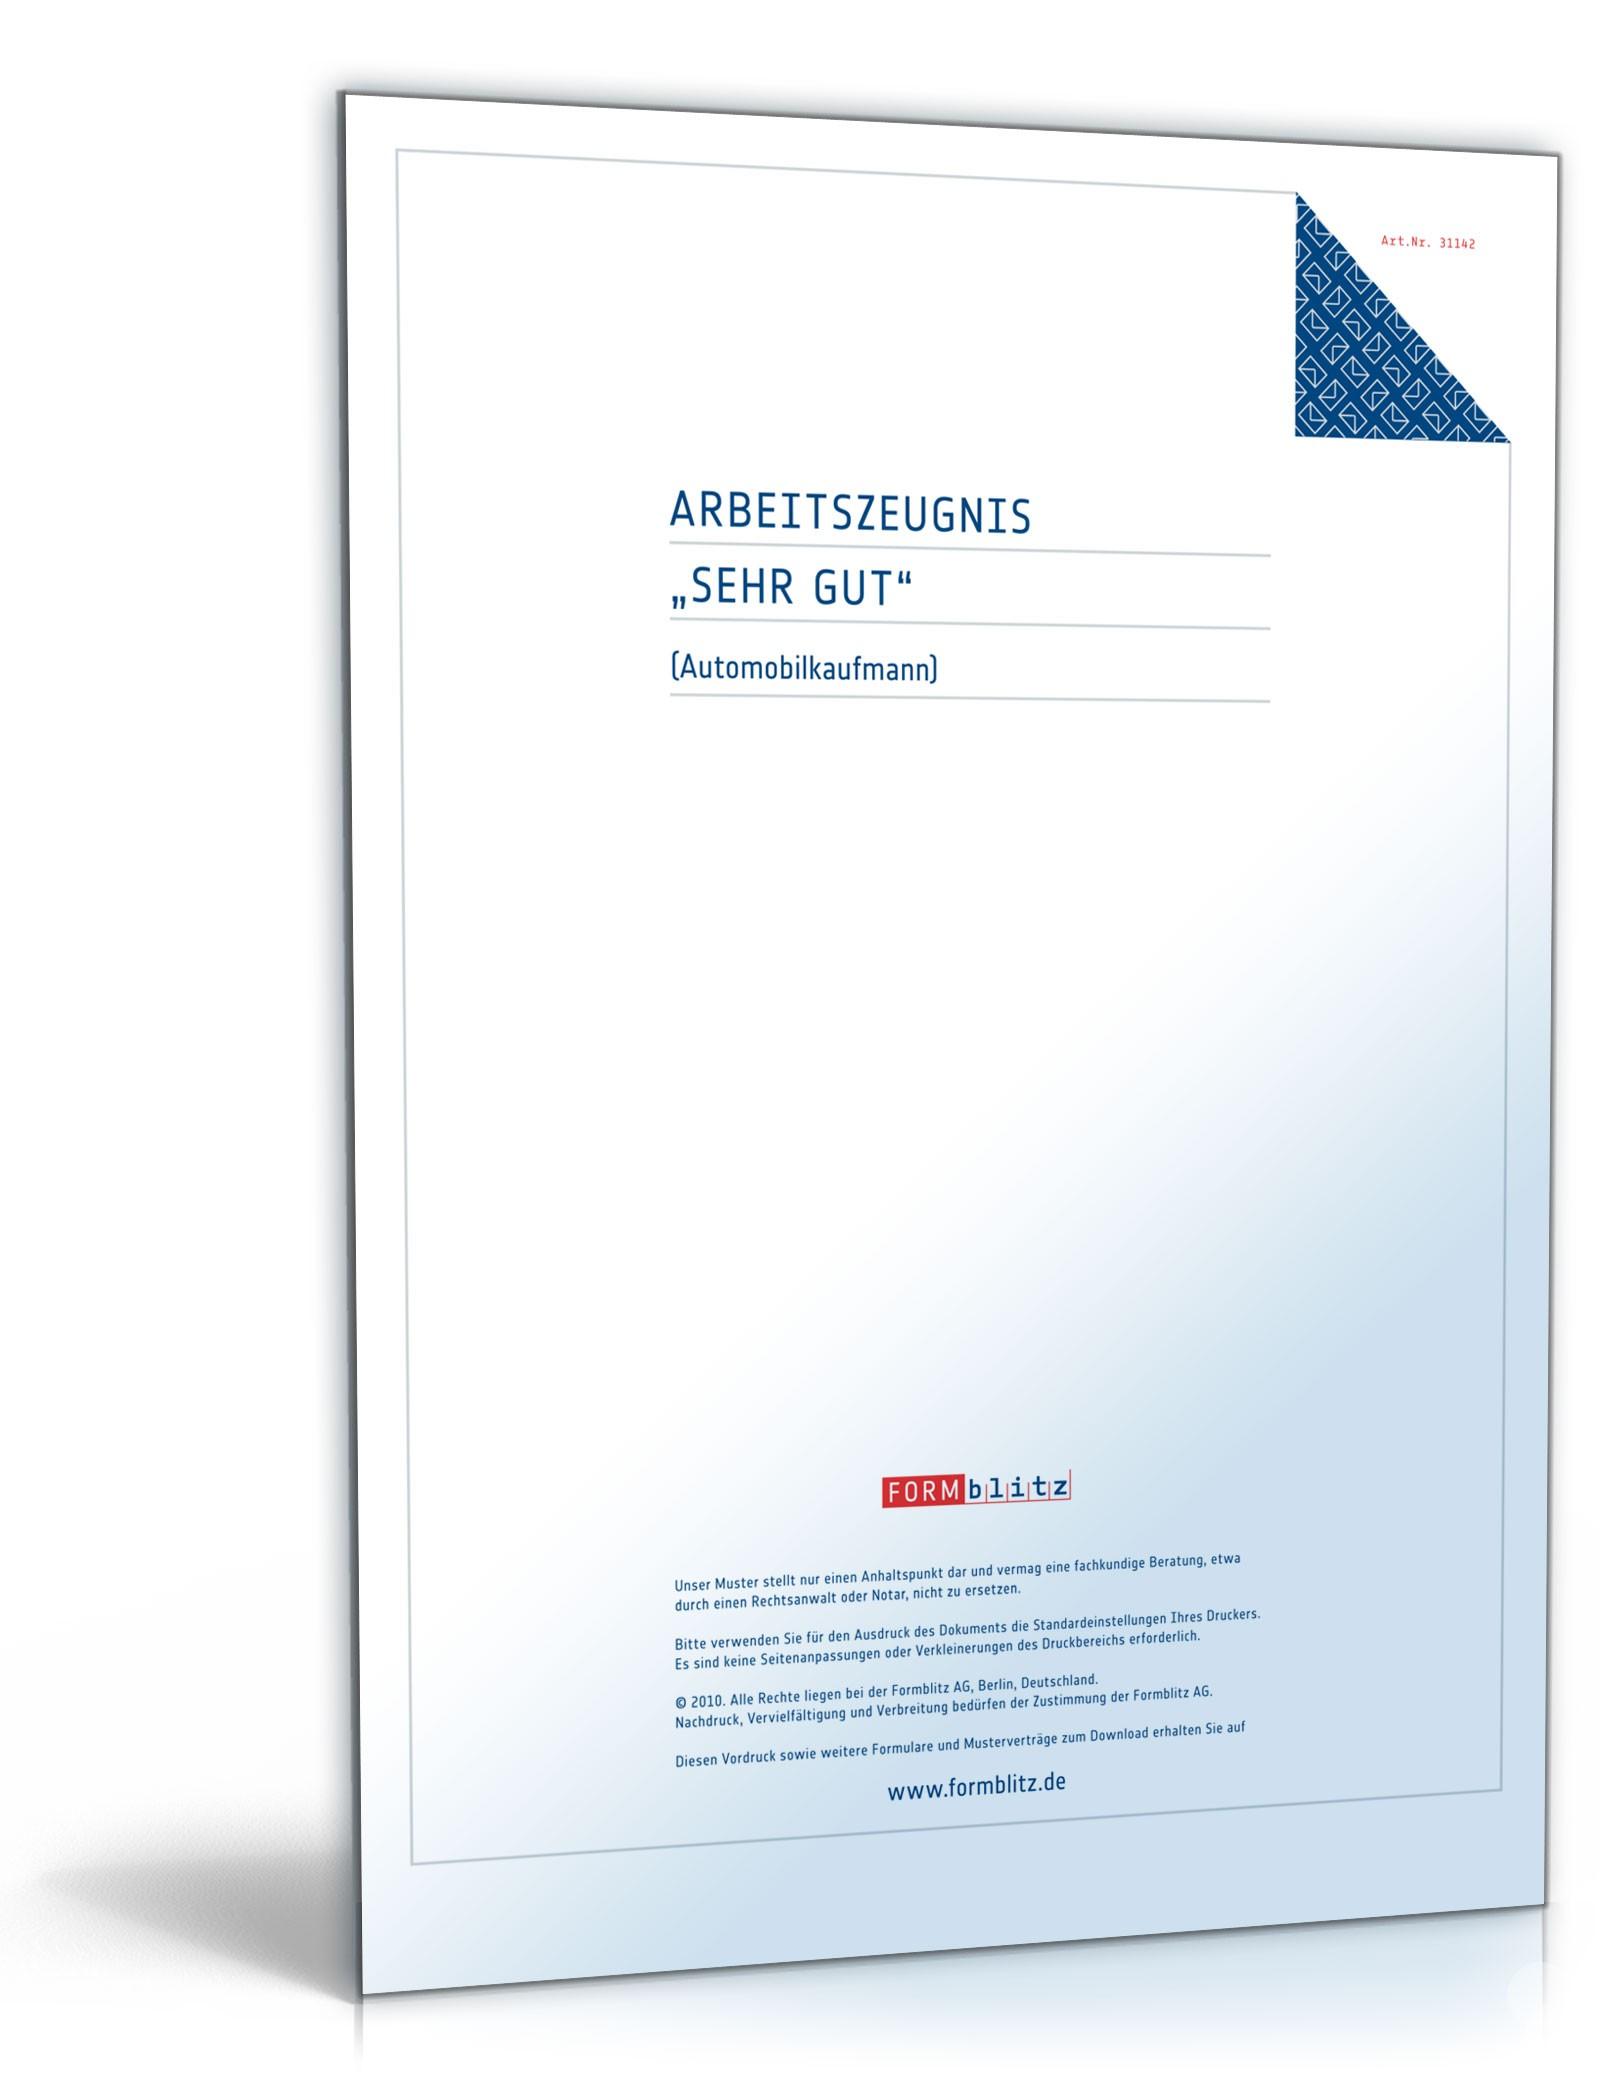 Arbeitszeugnis Automobilkaufleute: Muster zum Download